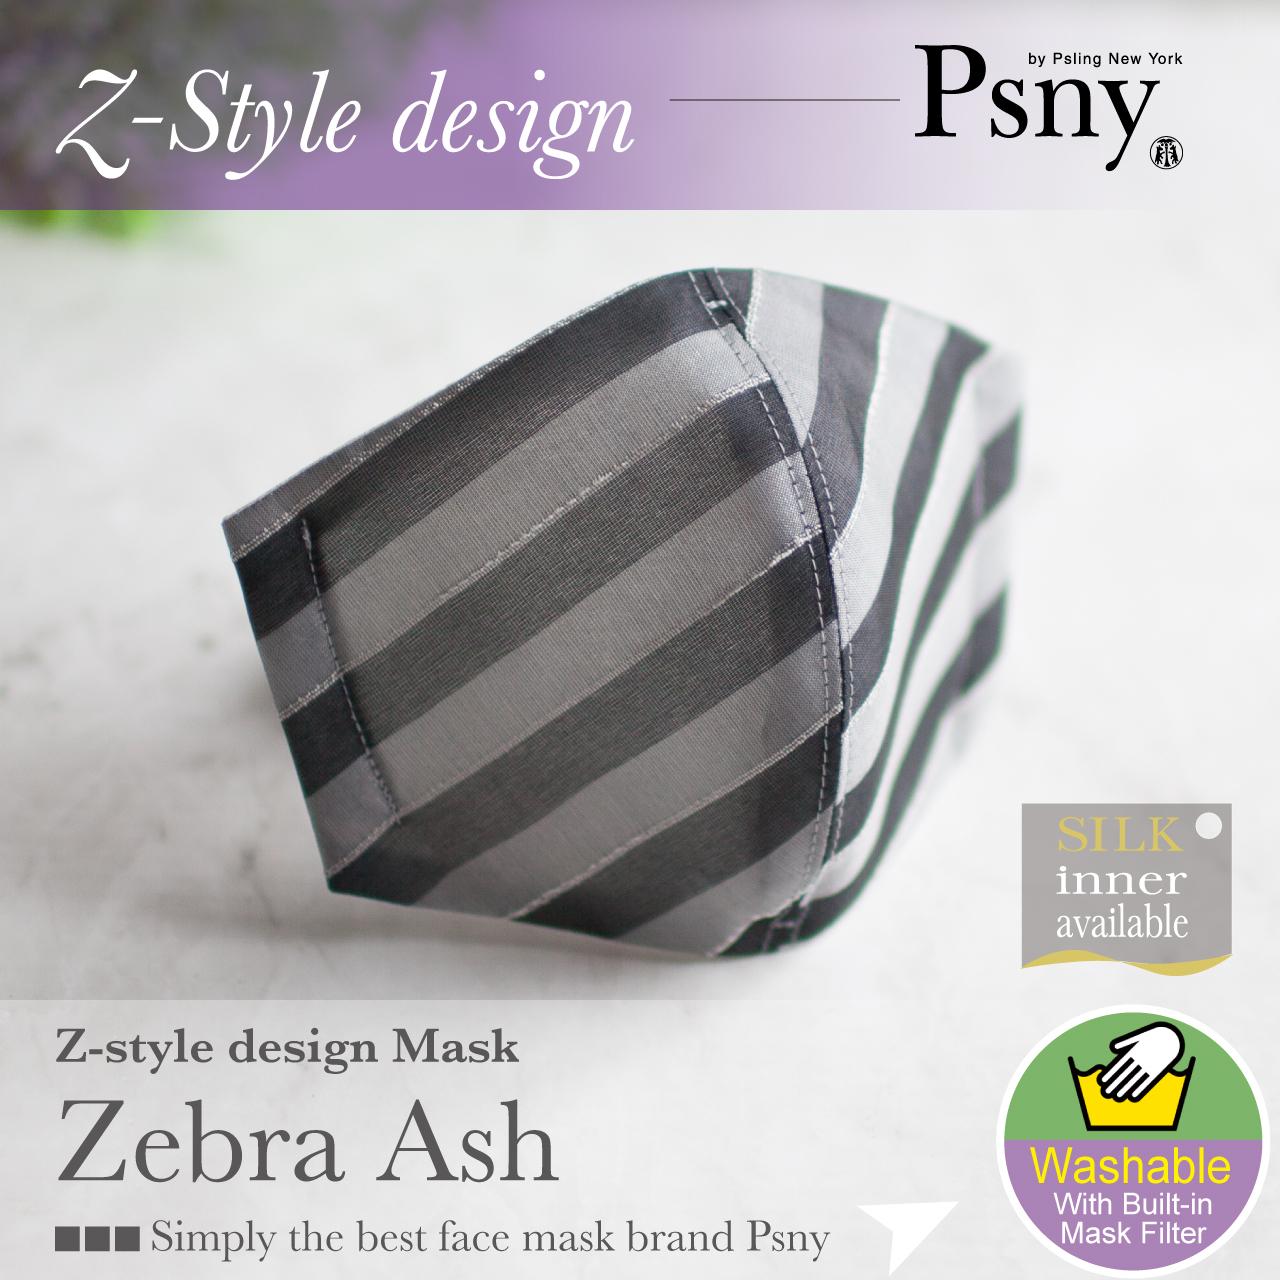 PSNY 送料無料 ゼブラ・アッシュ ブラック・グレー ストライプ 美しいスタイル スマート スーツに合う 花粉 黄砂 不織布フィルター入り 立体 大人 軽い シンプル 軽量 ますく マスク ZZ01